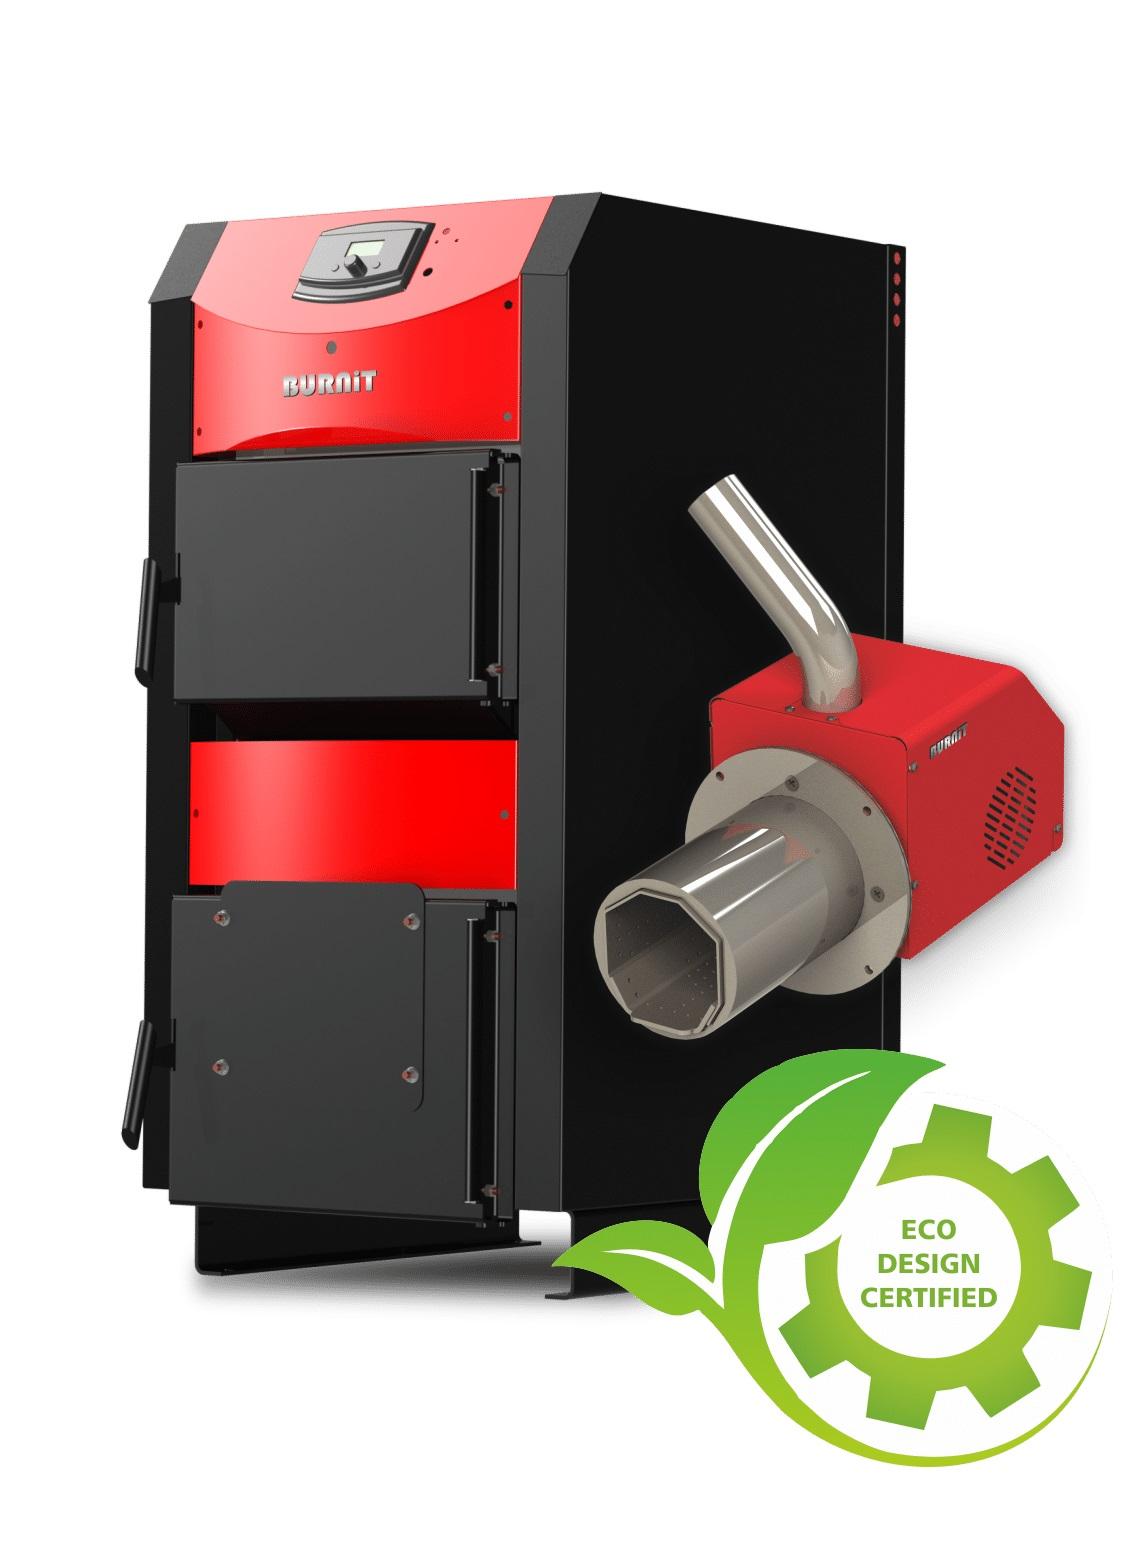 Centrala mixta lemn si peleti Burnit WBS AC 40 kW si Arzator pe peleti Pell Eco 35 kW imagine fornello.ro